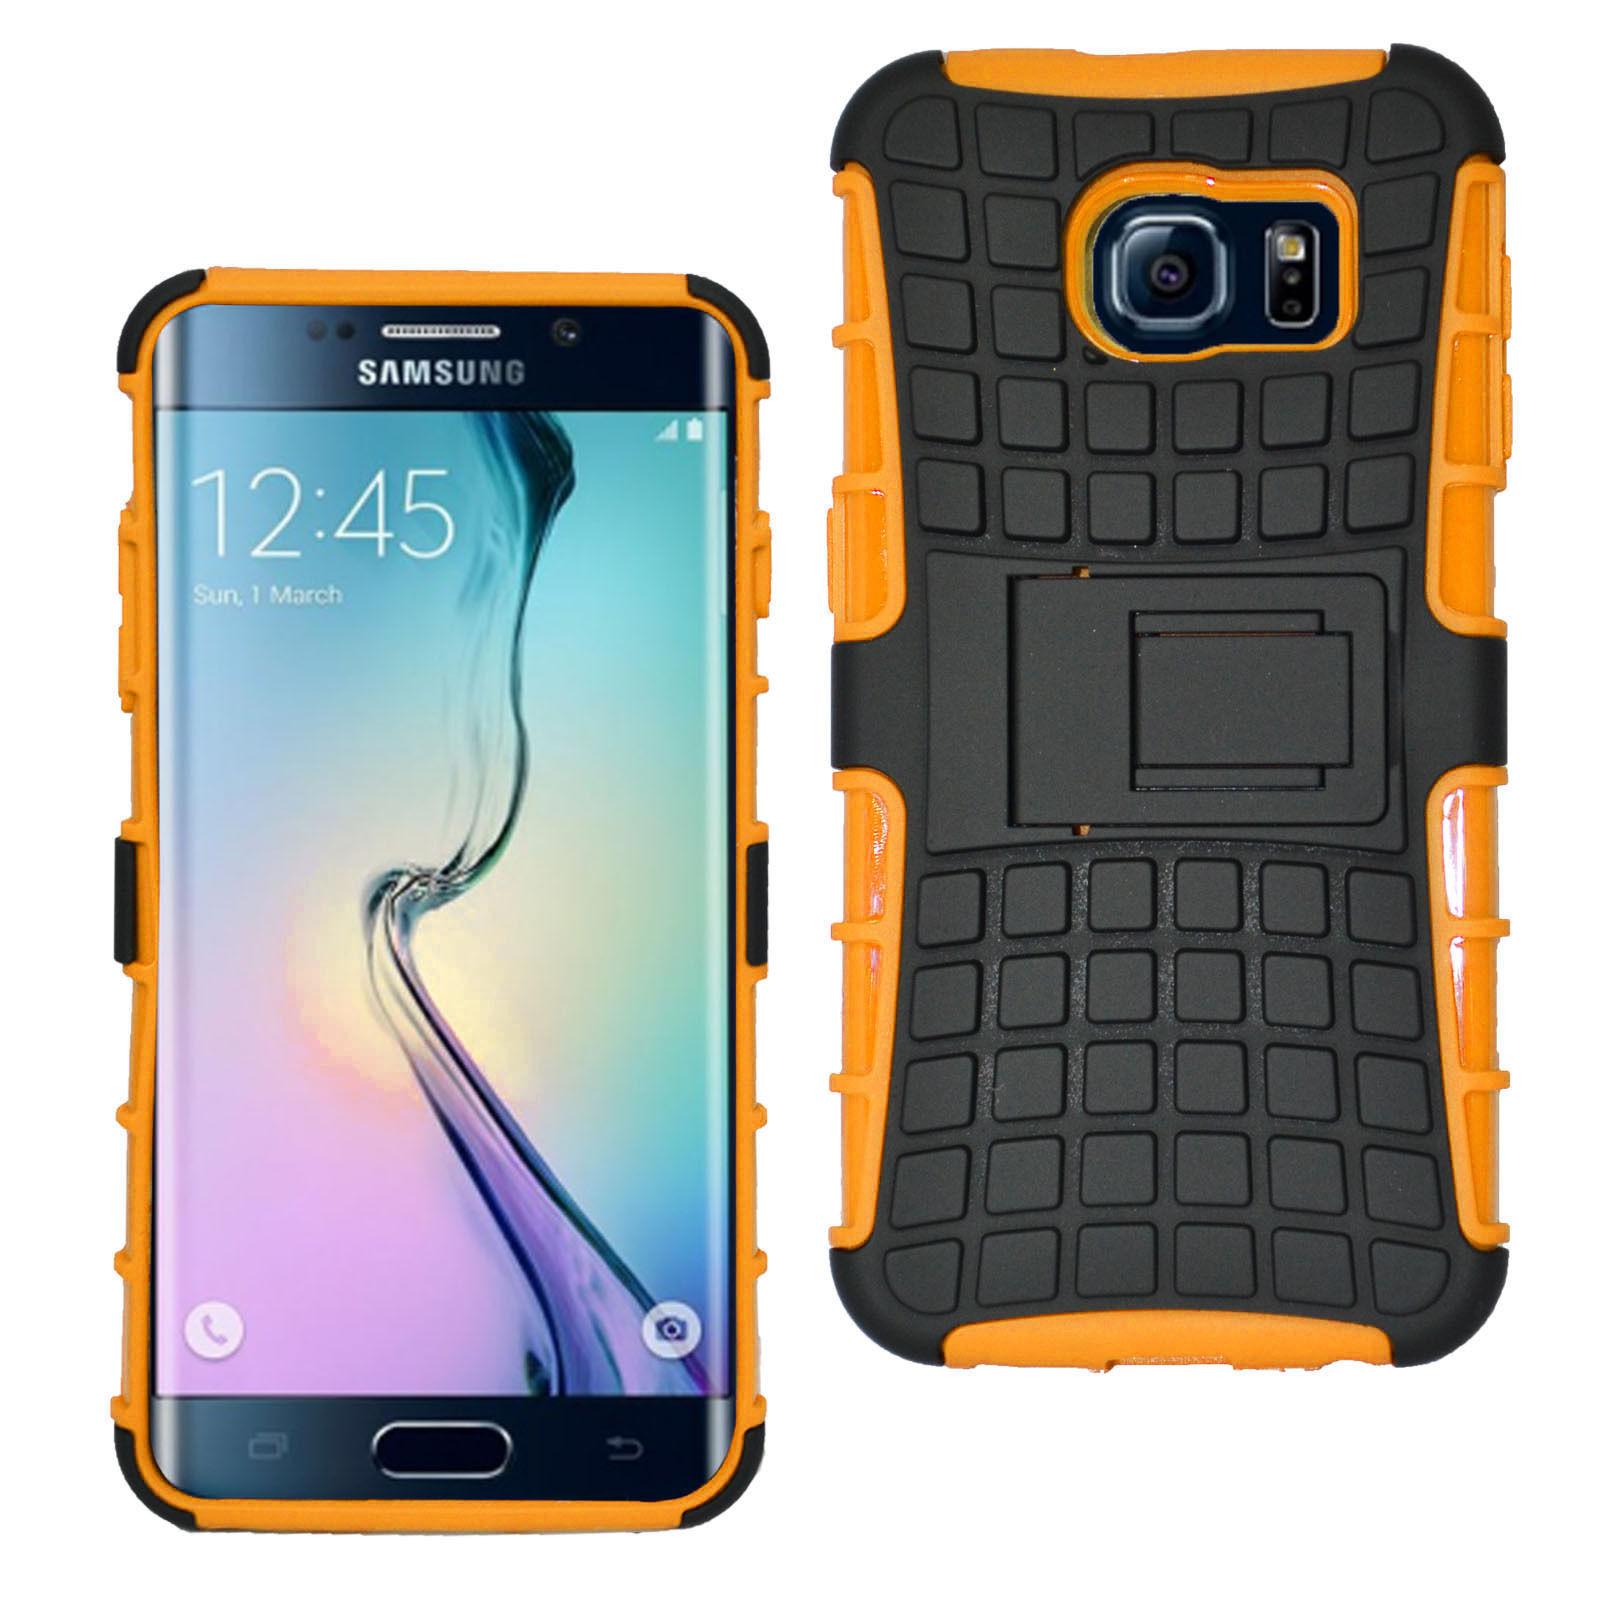 Odolné pouzdro PANZER CASE na mobilní telefon Samsung Galaxy S6 ORANŽOVÉ